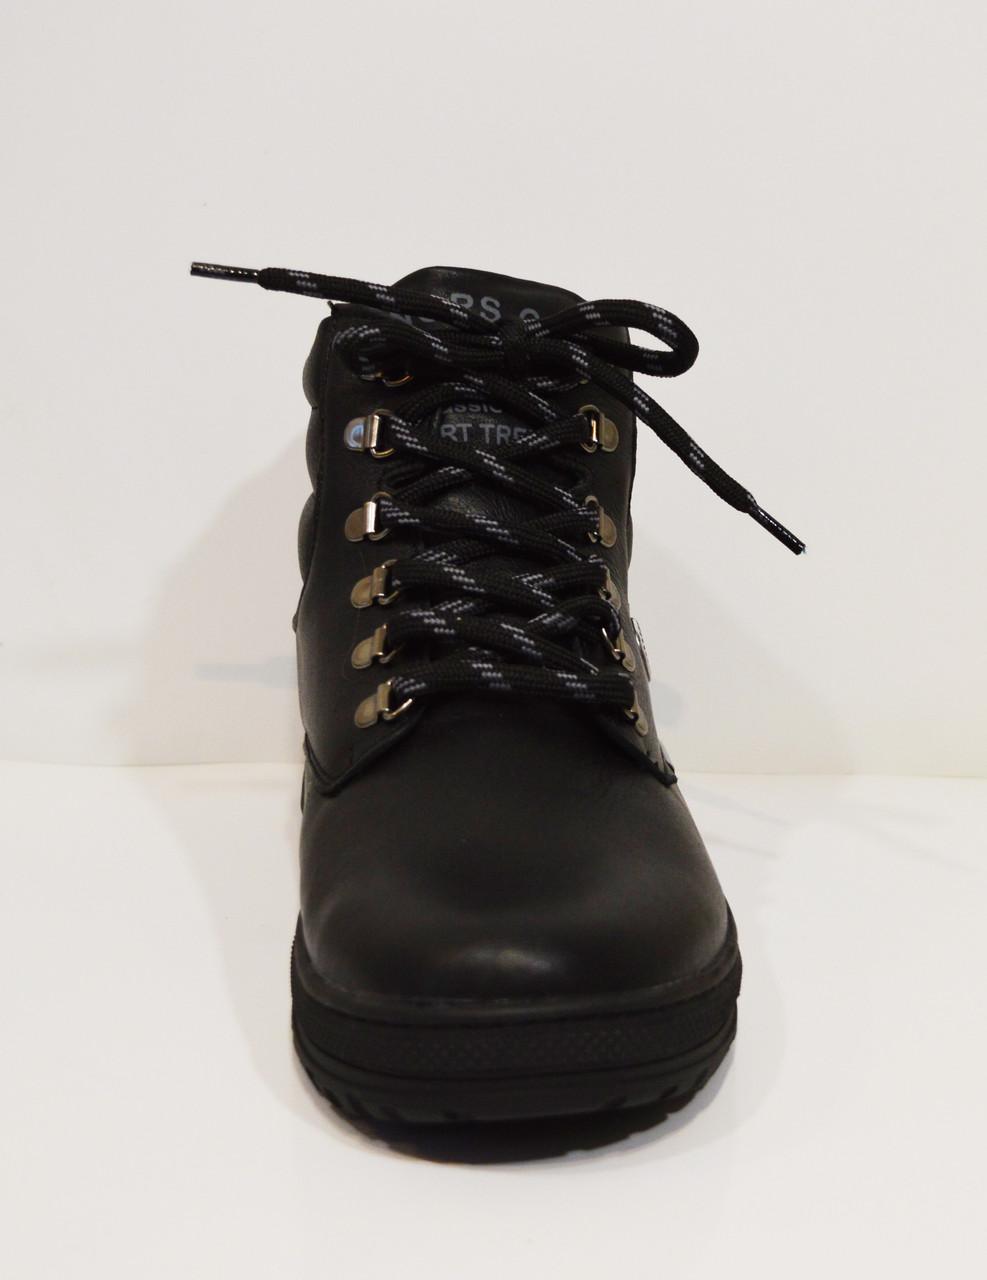 31c85b7bc Зимние мужские ботинки Konors 906, цена 1 246,50 грн./пара, купить в  Александрии — Prom.ua (ID#410957013)